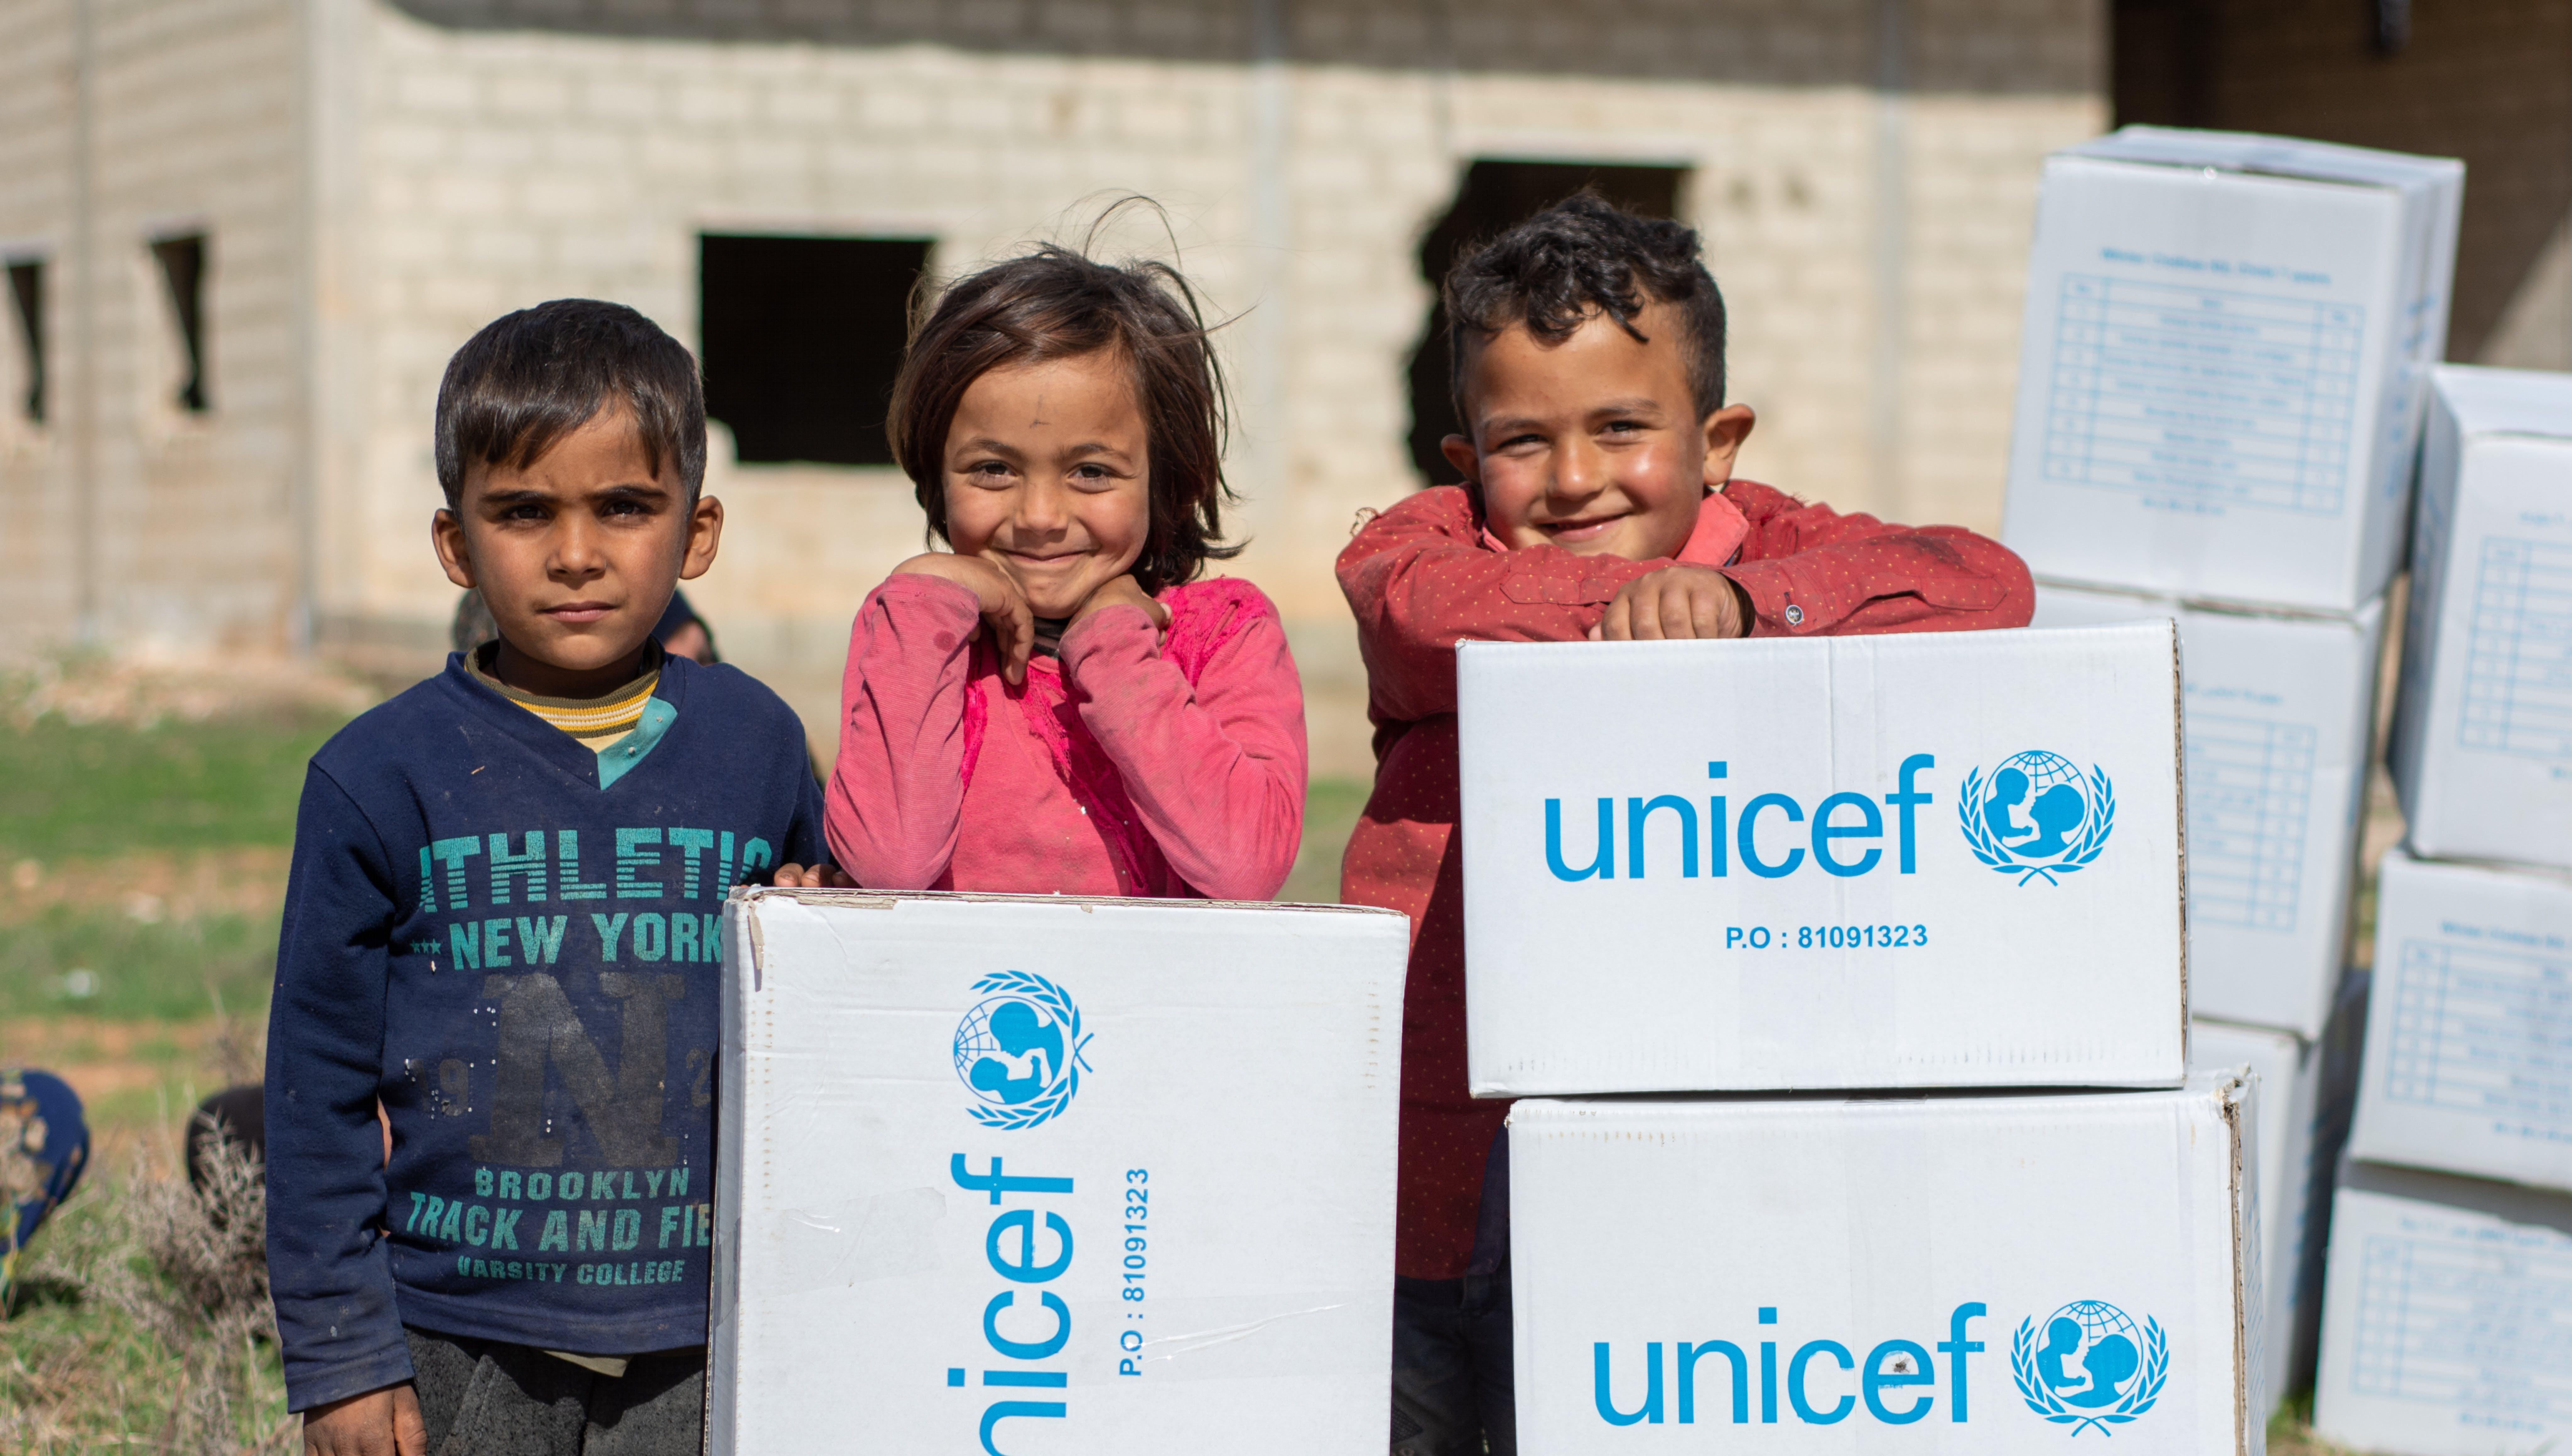 UNICEF consegna un carico di aiuti per supportare le famiglie durante l'inverno in Siria: sono stati raggiunti oltre 81 mila bambini con coperte, cappotti e altri beni nelle province rurali del nord